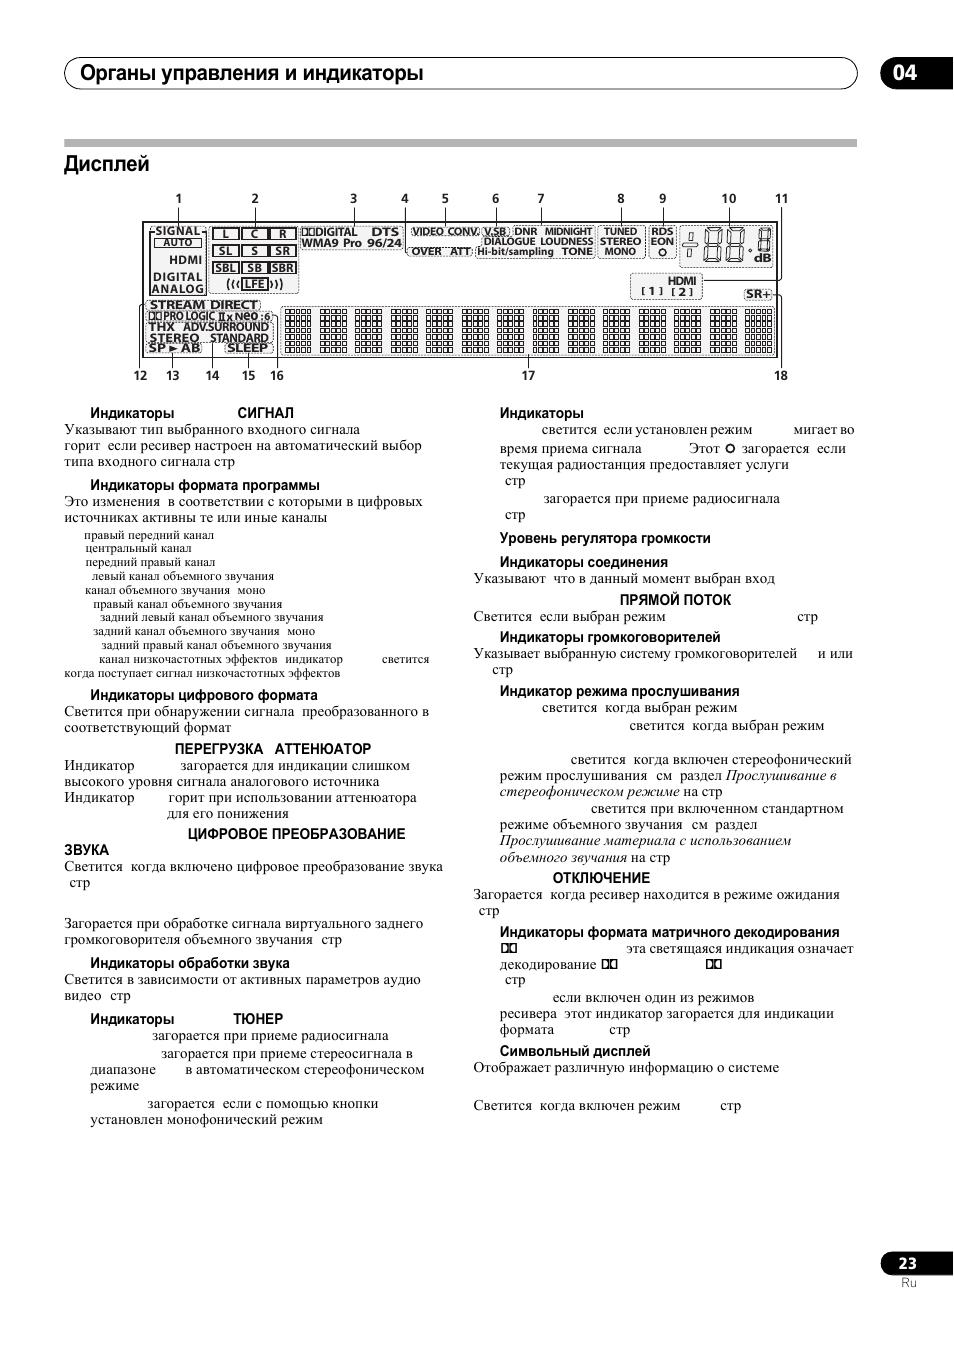 инструкция пионер vsx-2016av